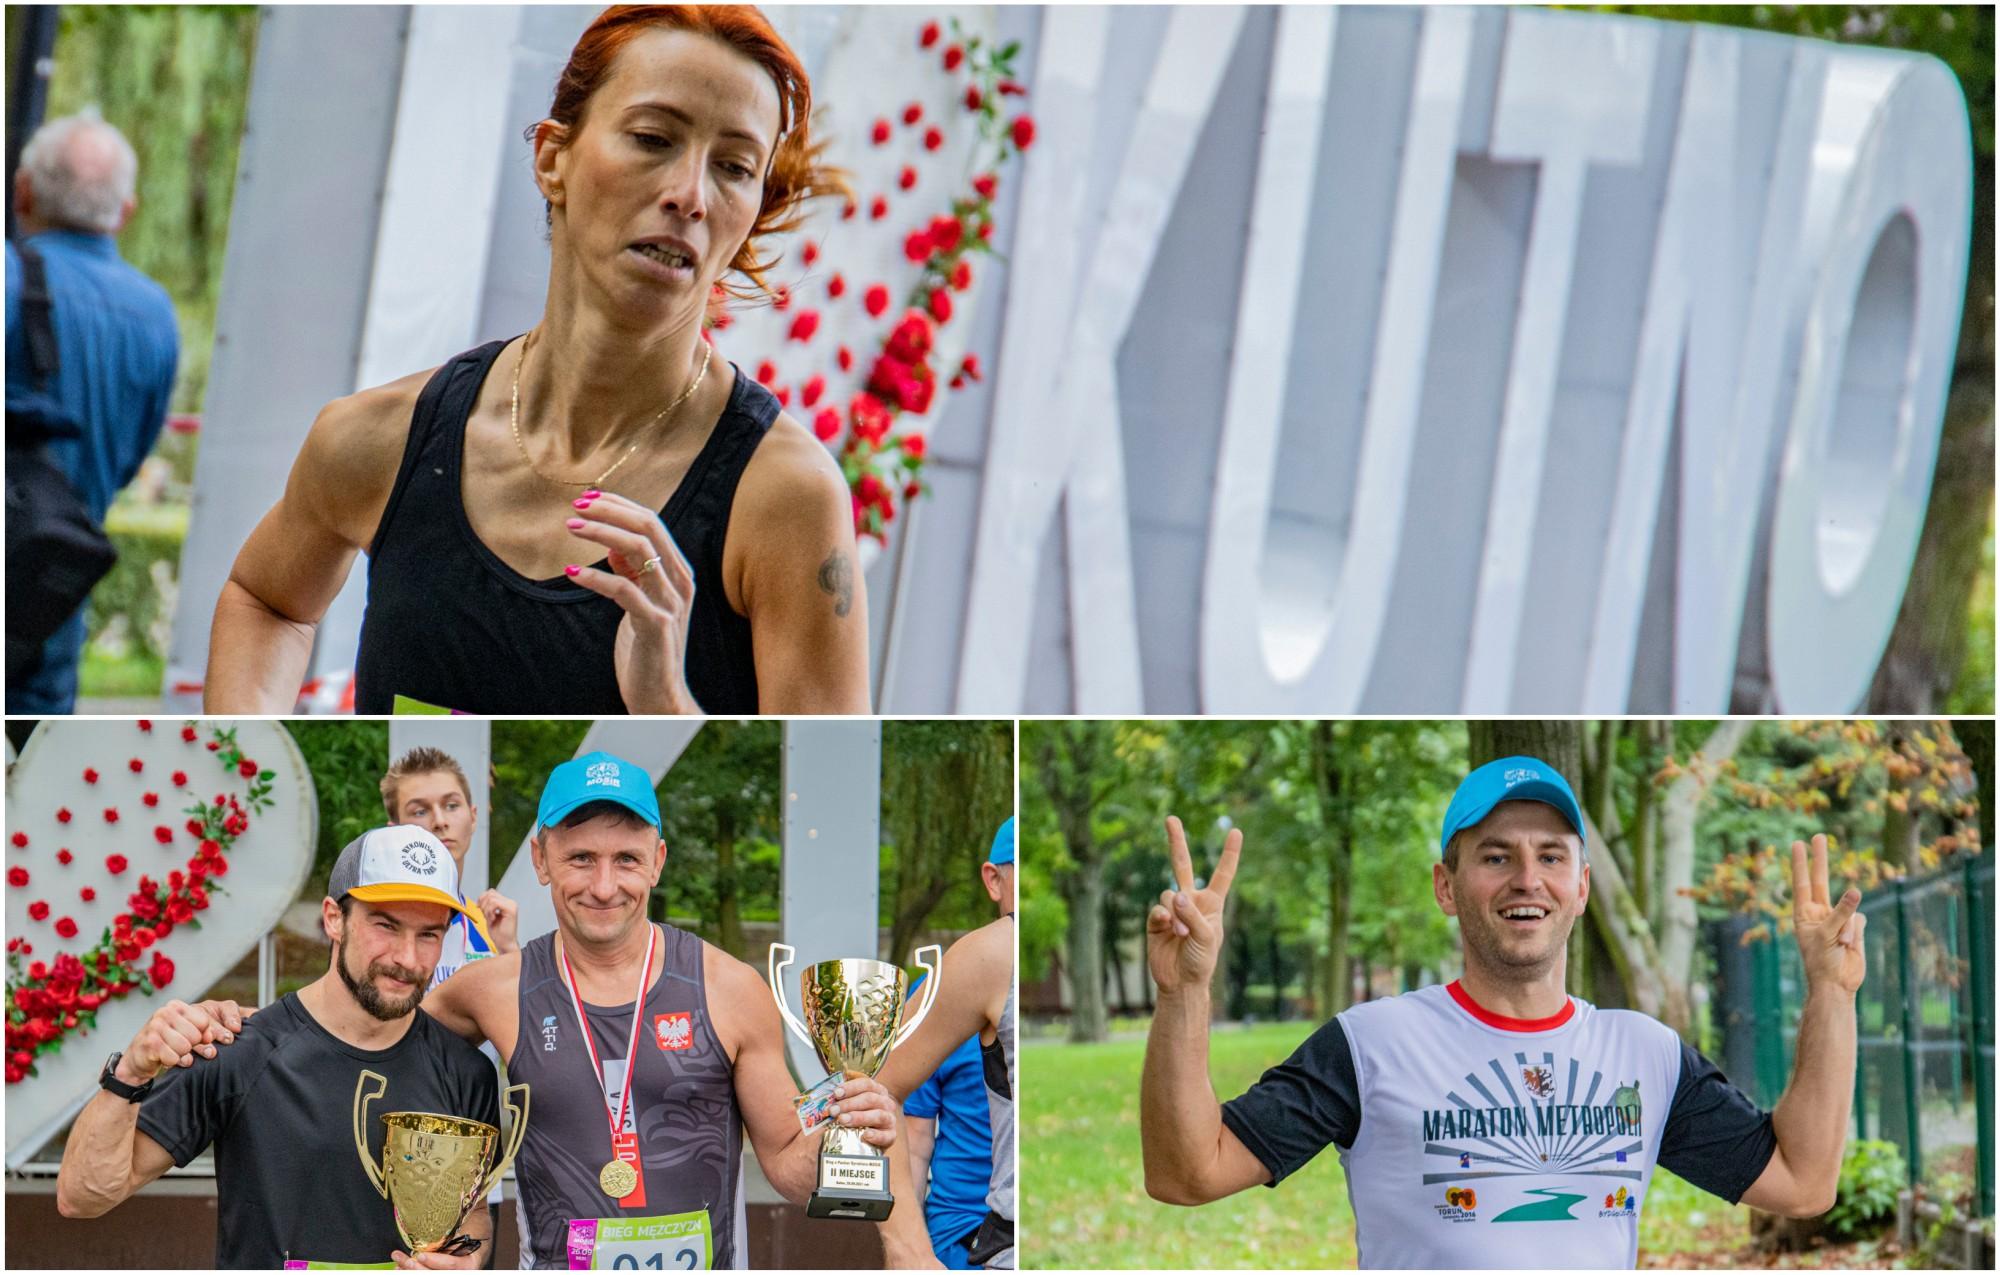 O Puchar Dyrektora MOSiR. Biegowe zmagania w parku Traugutta [ZDJĘCIA] - Zdjęcie główne